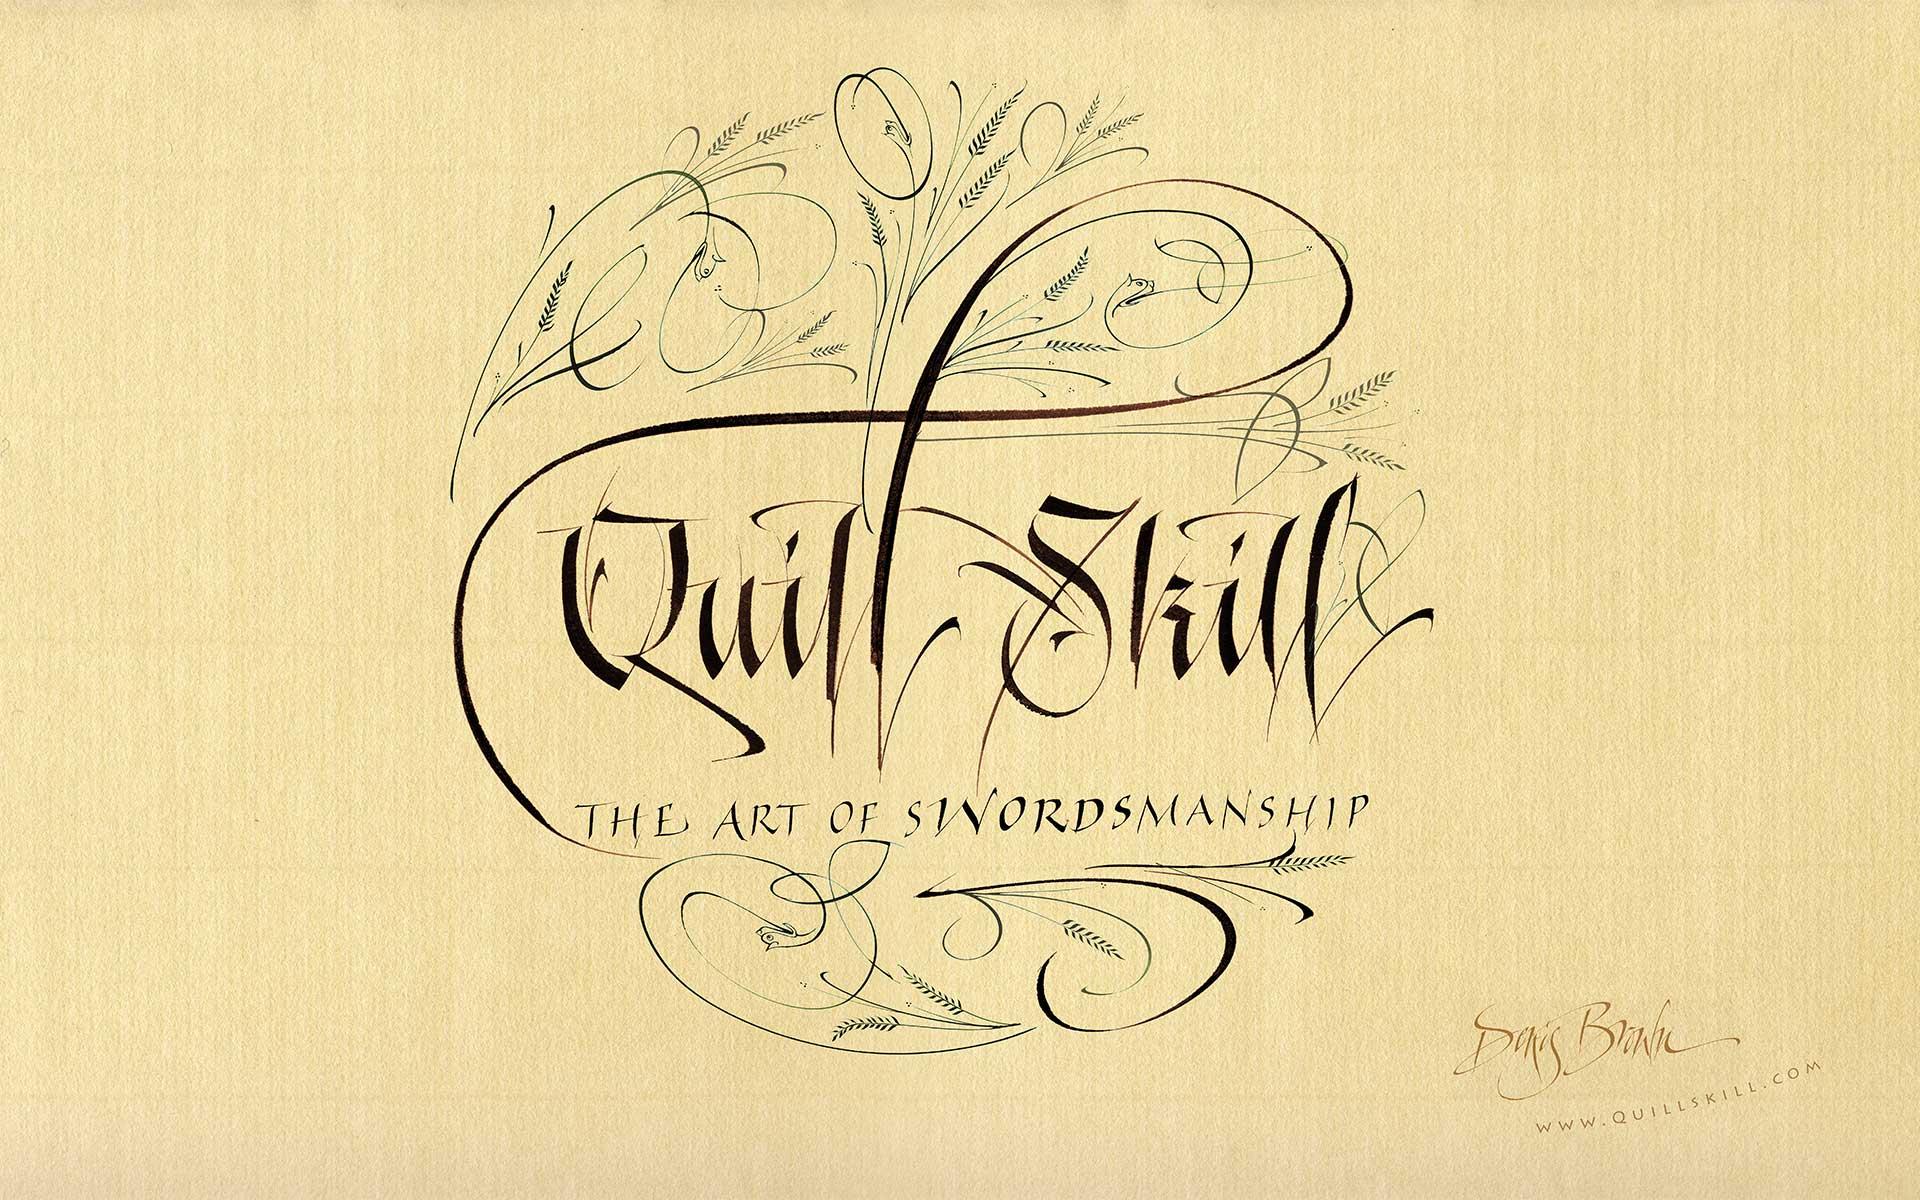 Calligraphy Wallpaper For Desktop  WallpaperSafari